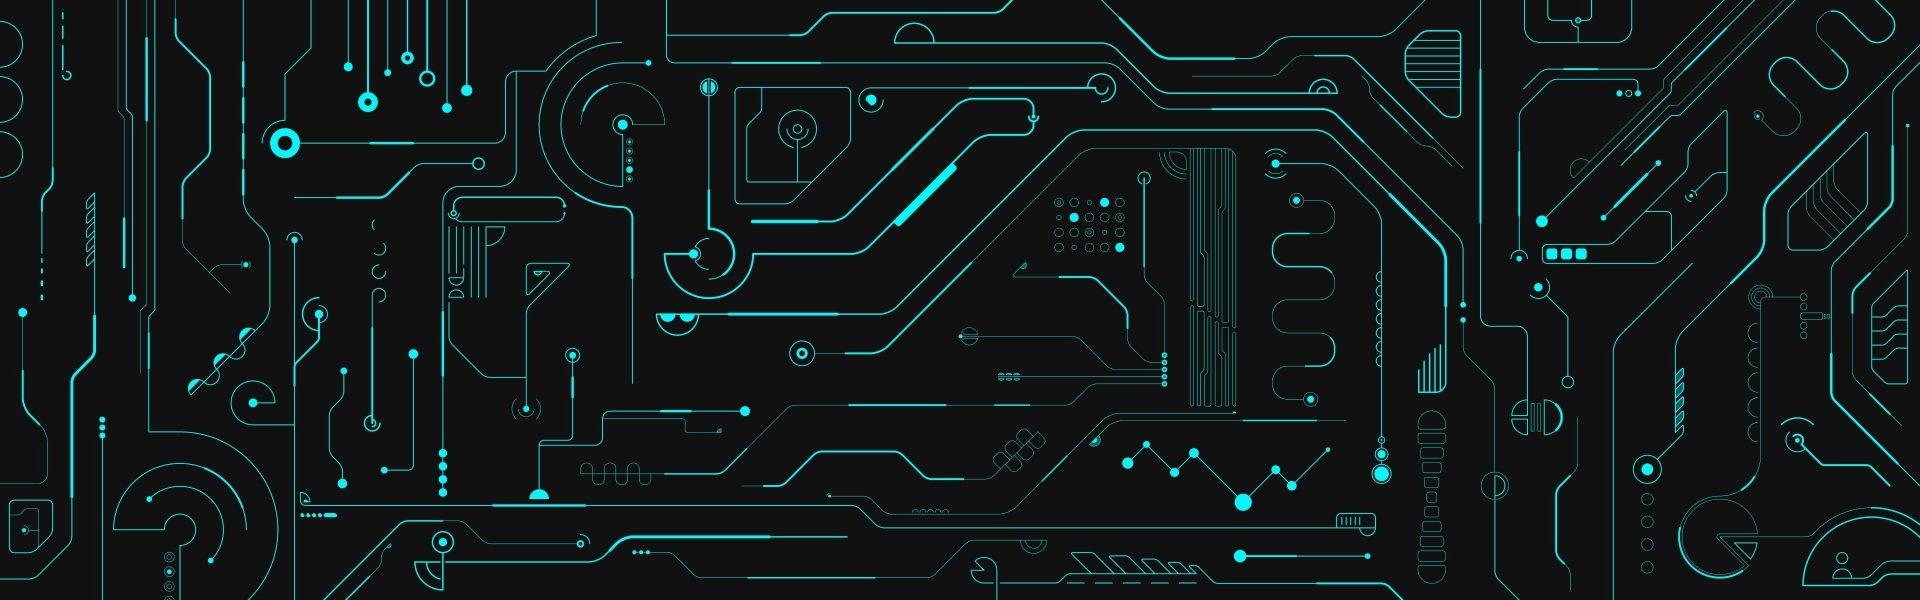 技术 - 电路  壁纸